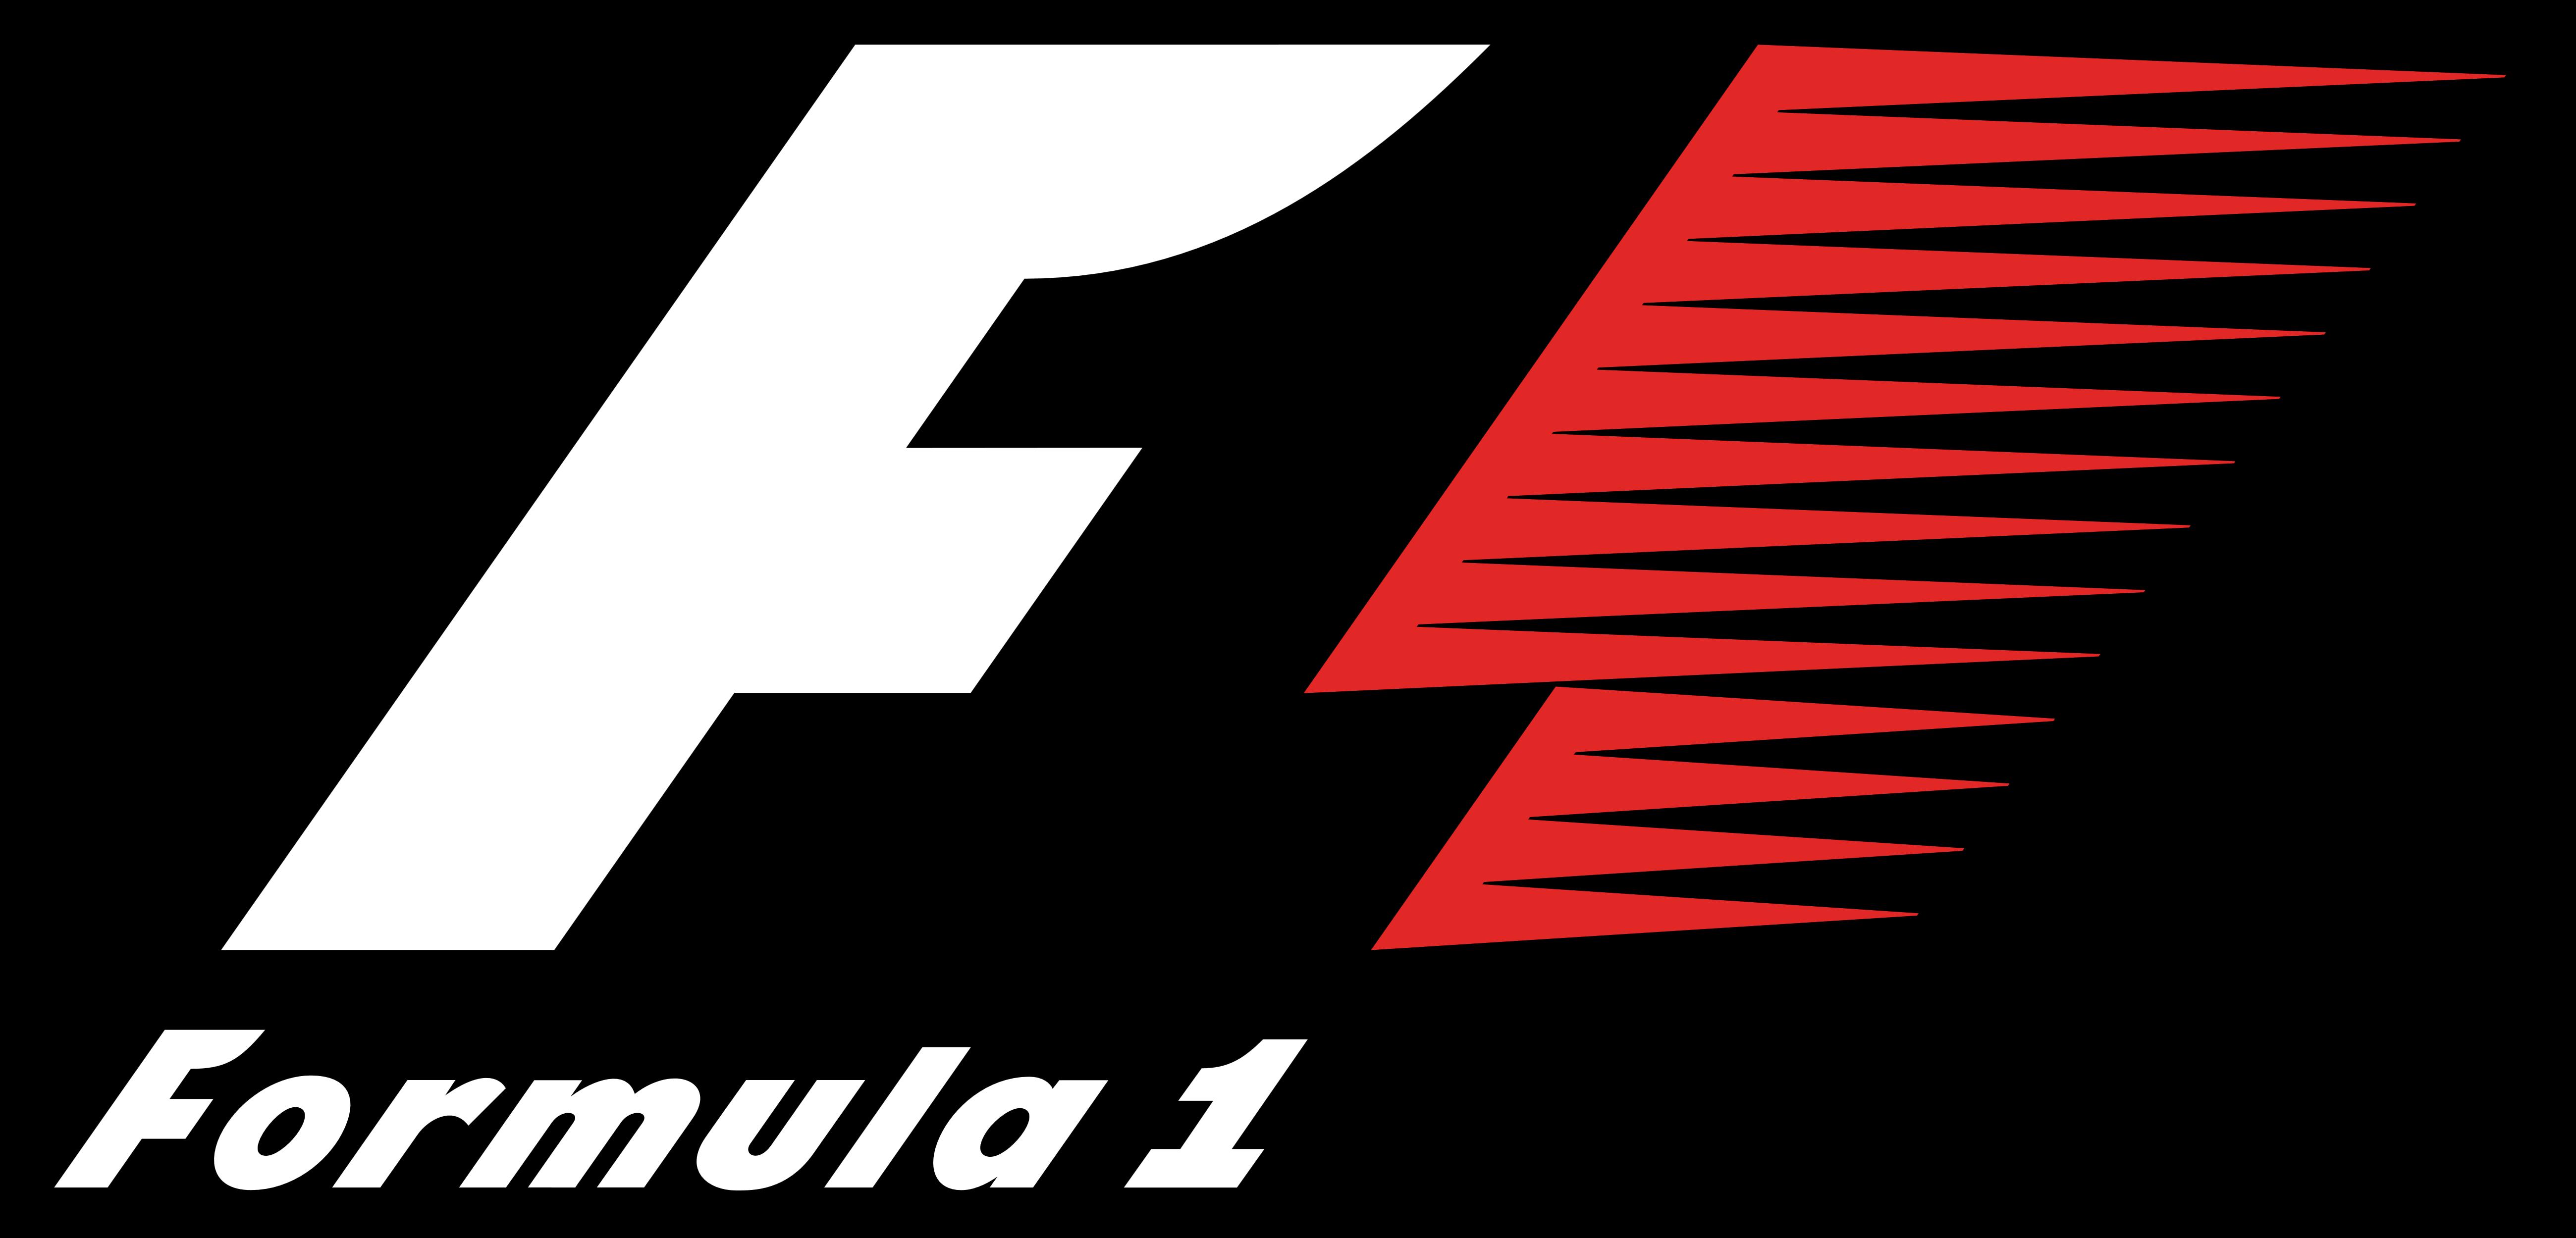 Resultado de imagem para formula um - logos